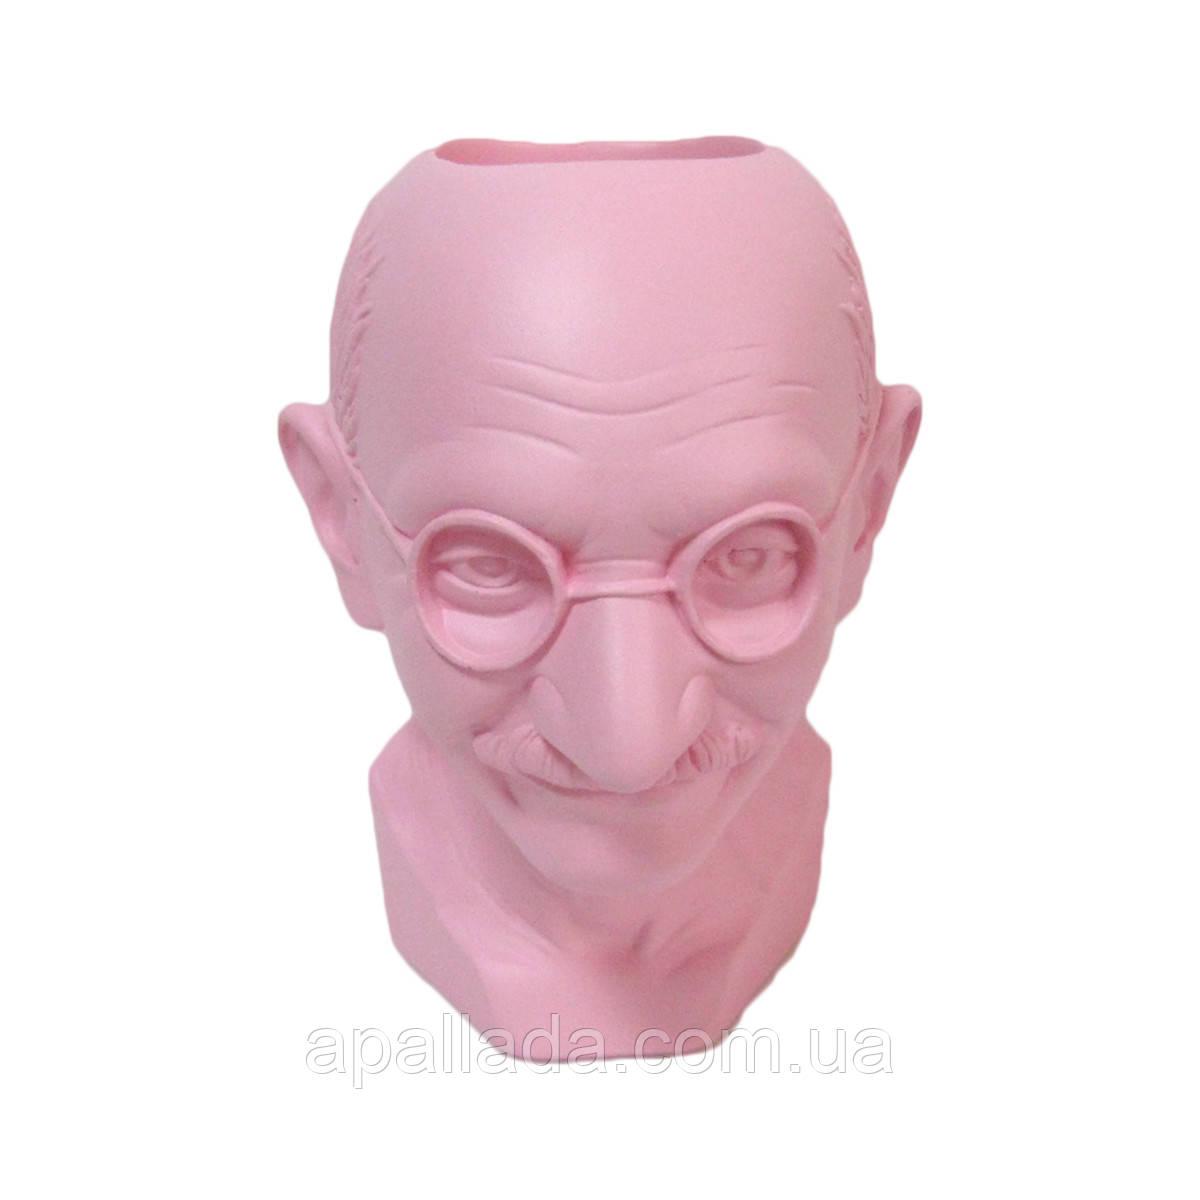 Скульптура органайзер Ганді